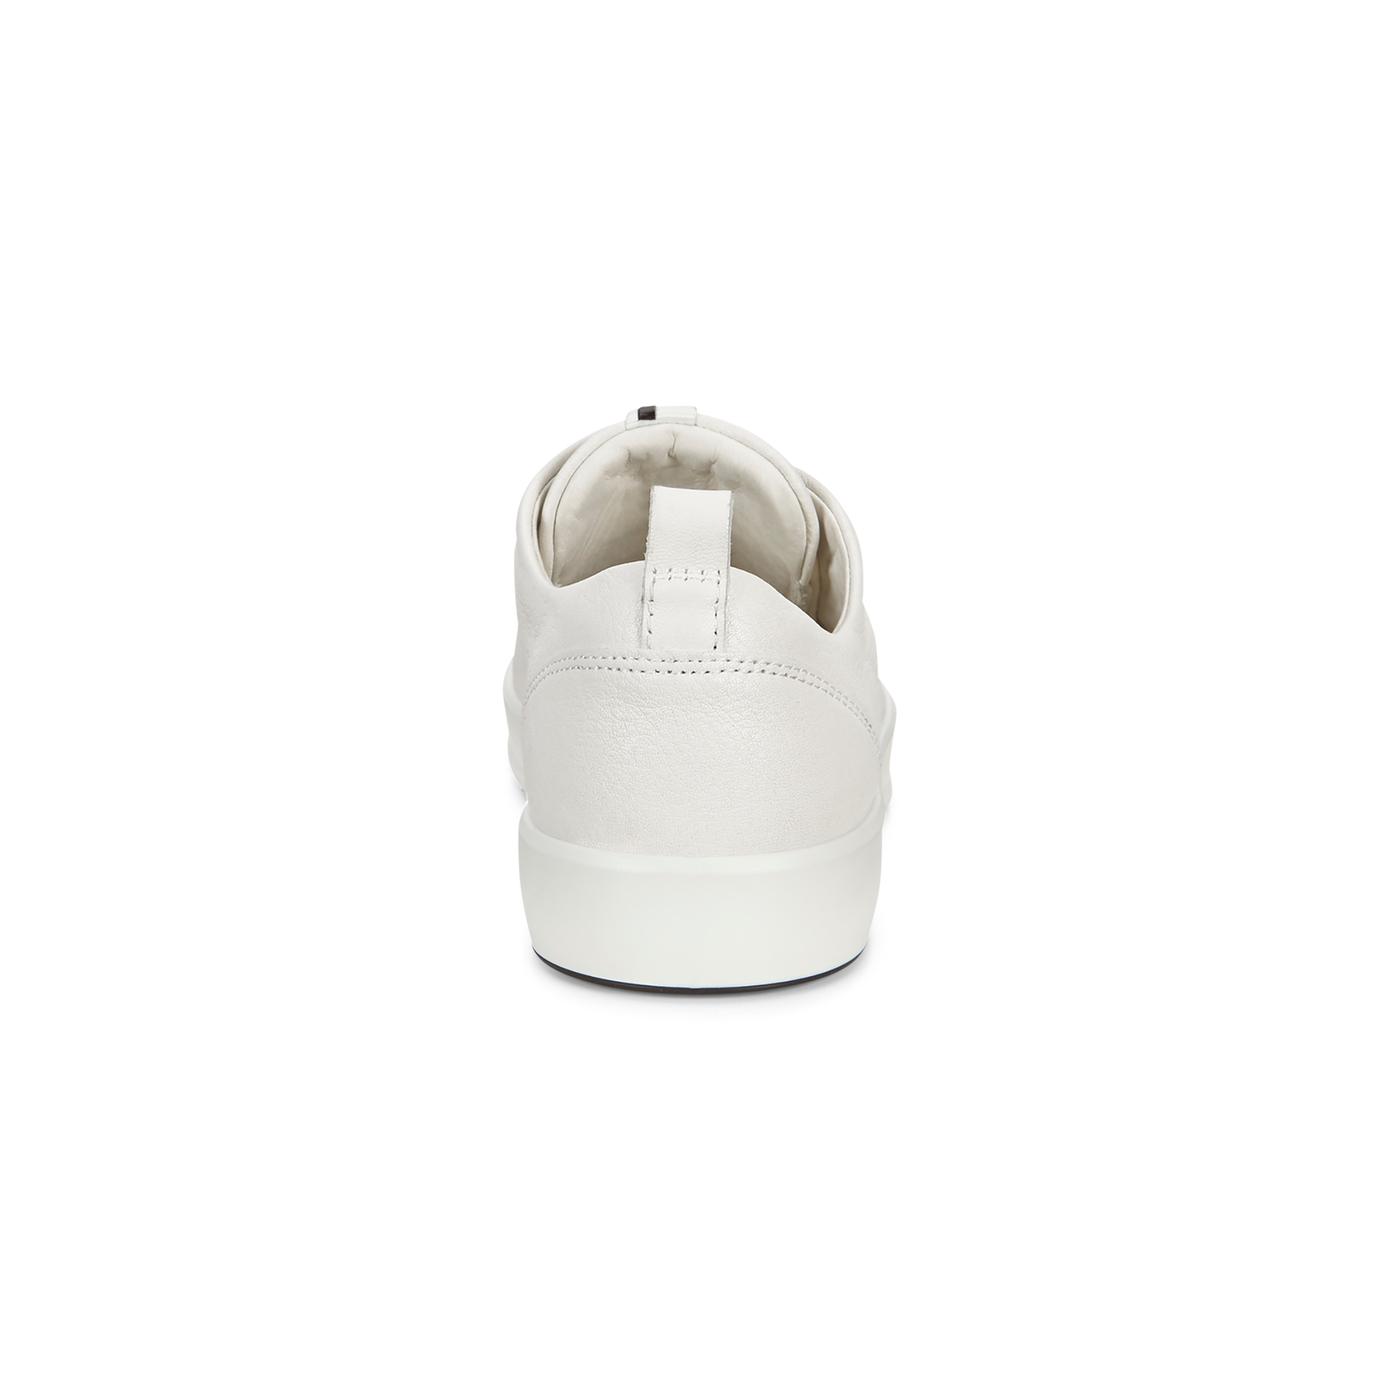 665fd1e2 ECCO Women's Soft 8 Sneaker | Women's Casual Shoes | ECCO® Shoes